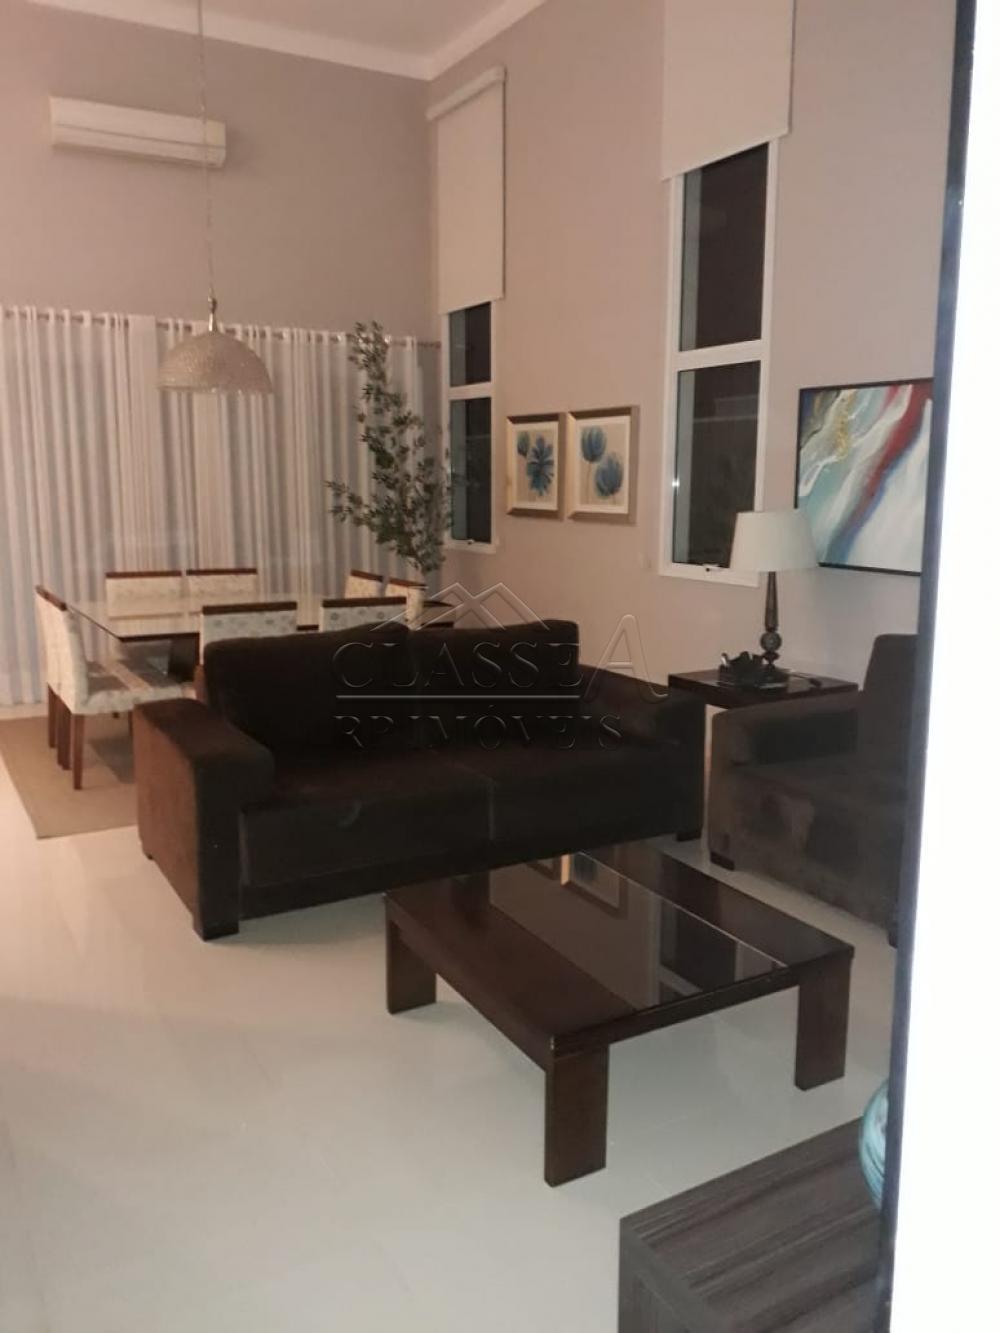 Comprar Casa / Condomínio - térrea em Ribeirão Preto R$ 1.250.000,00 - Foto 2